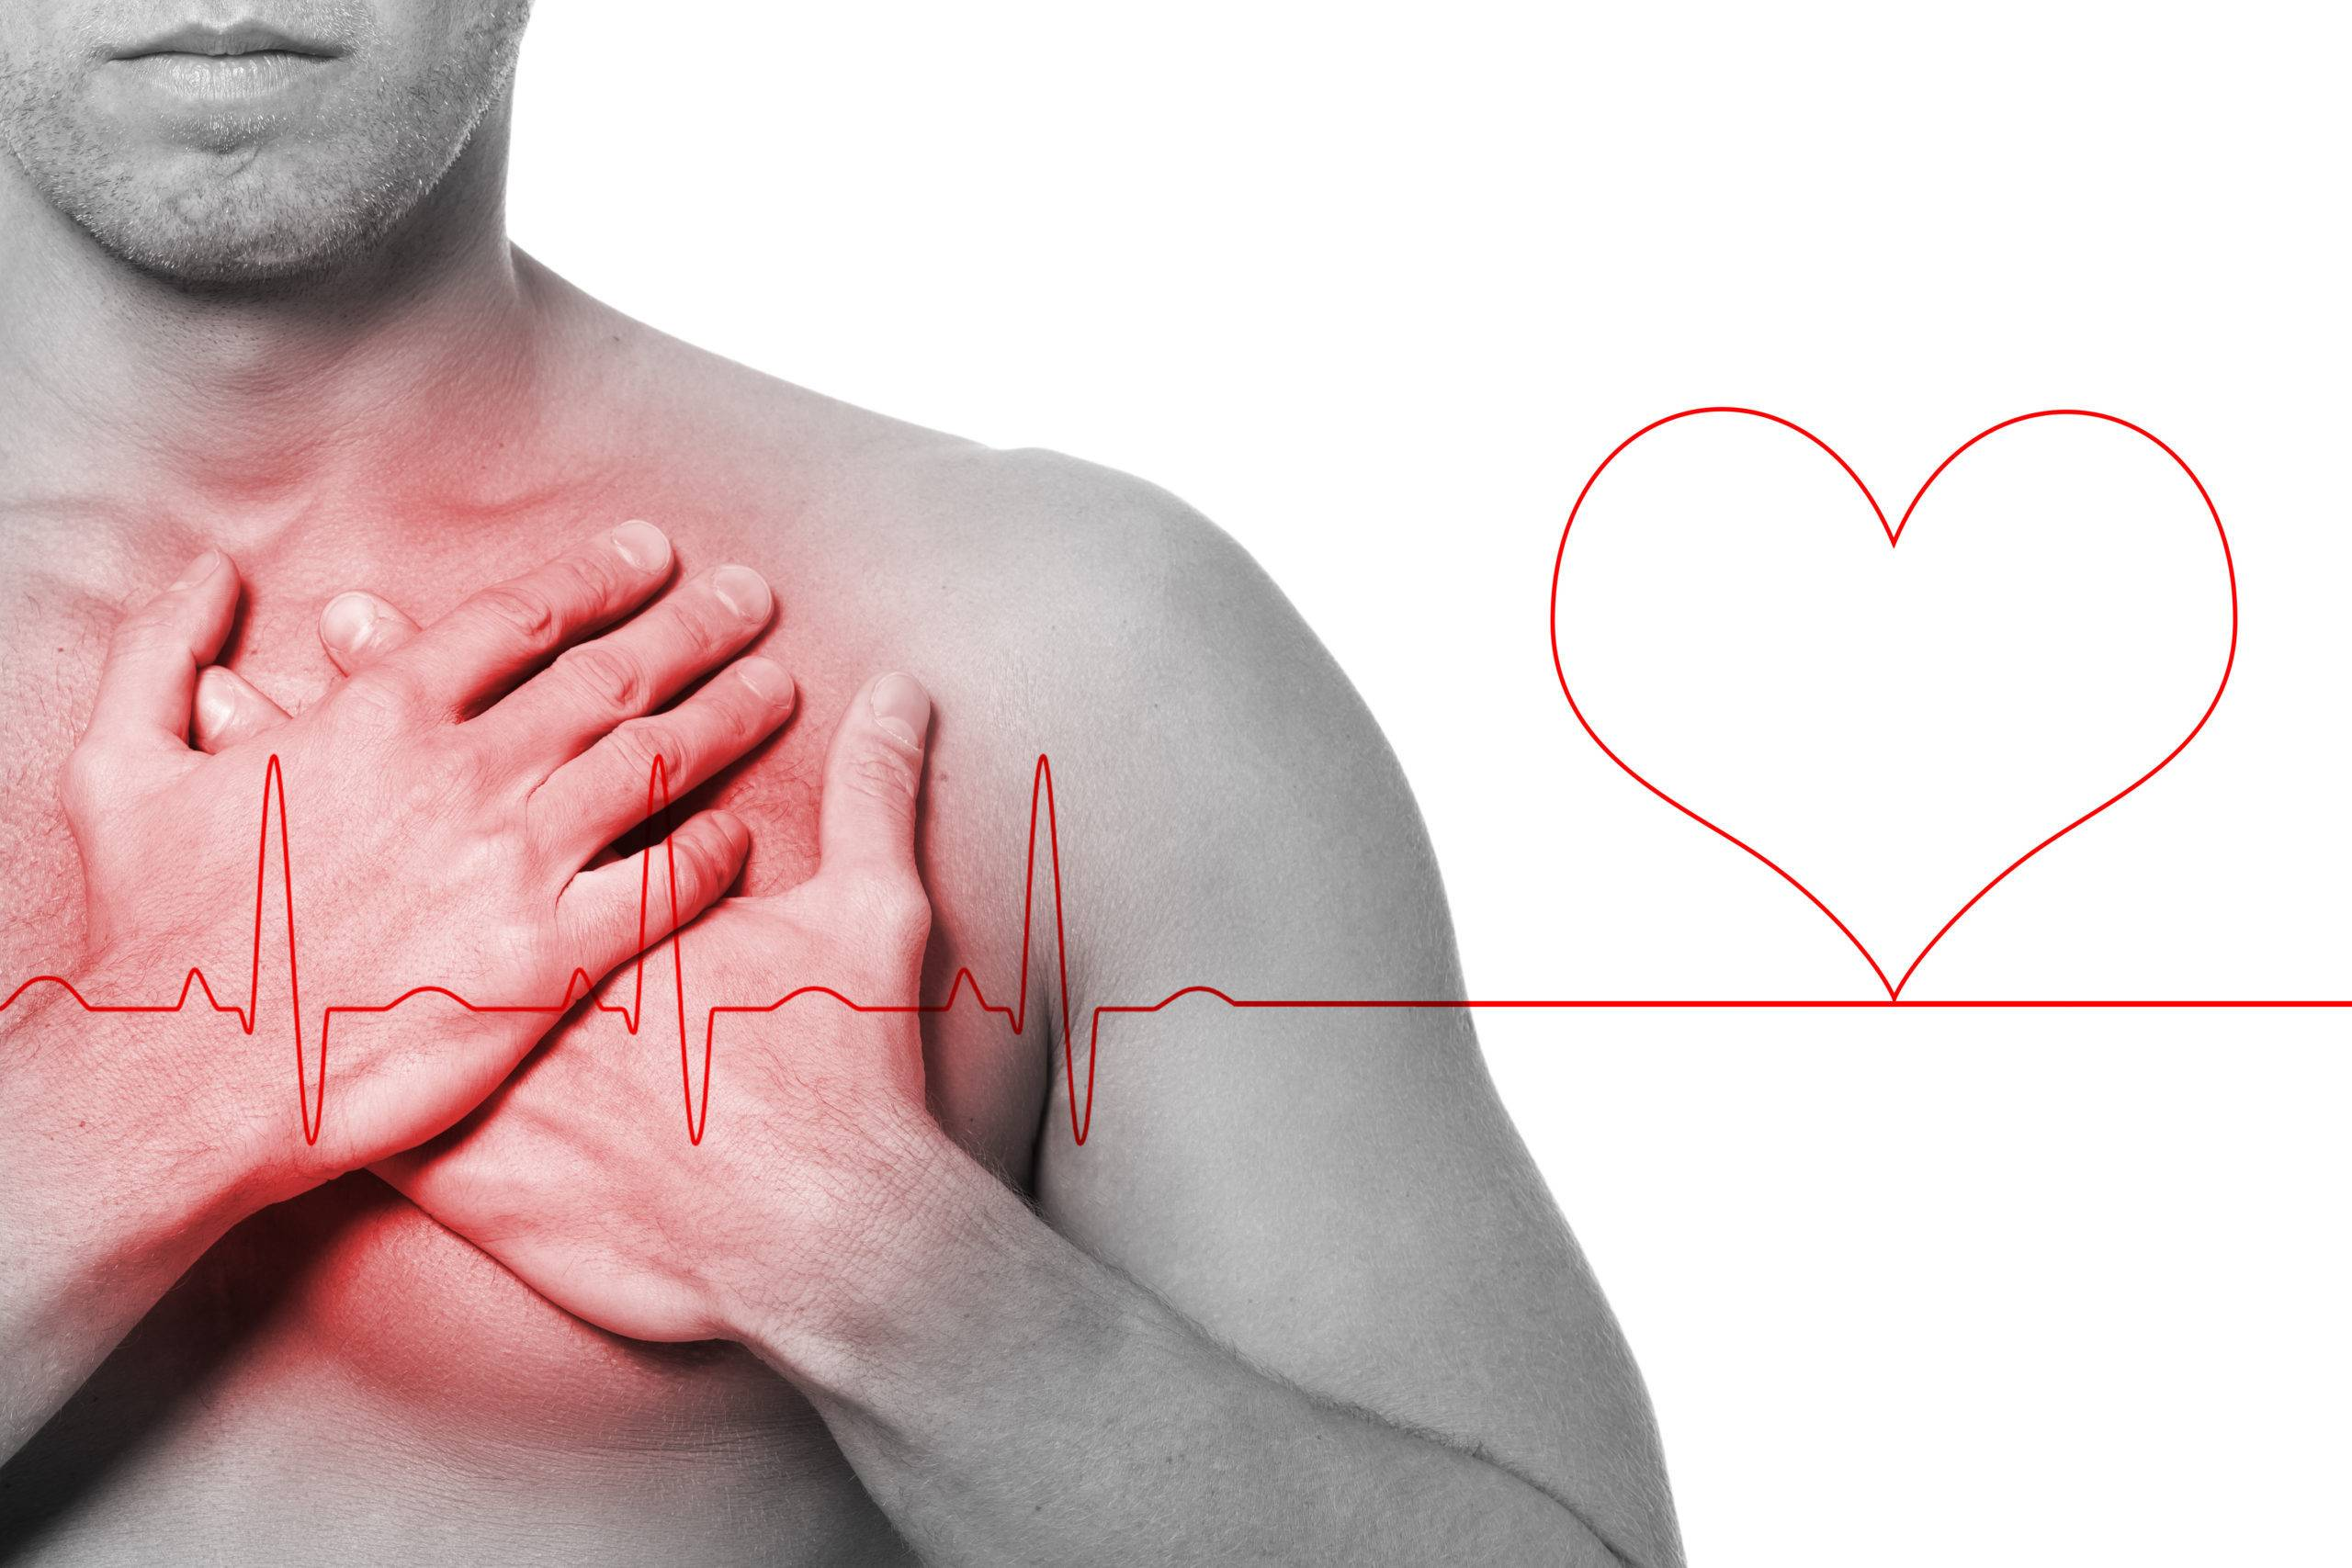 Почему с похмелья сильно бьется сердце. что делать, если болит сердце после алкоголя.